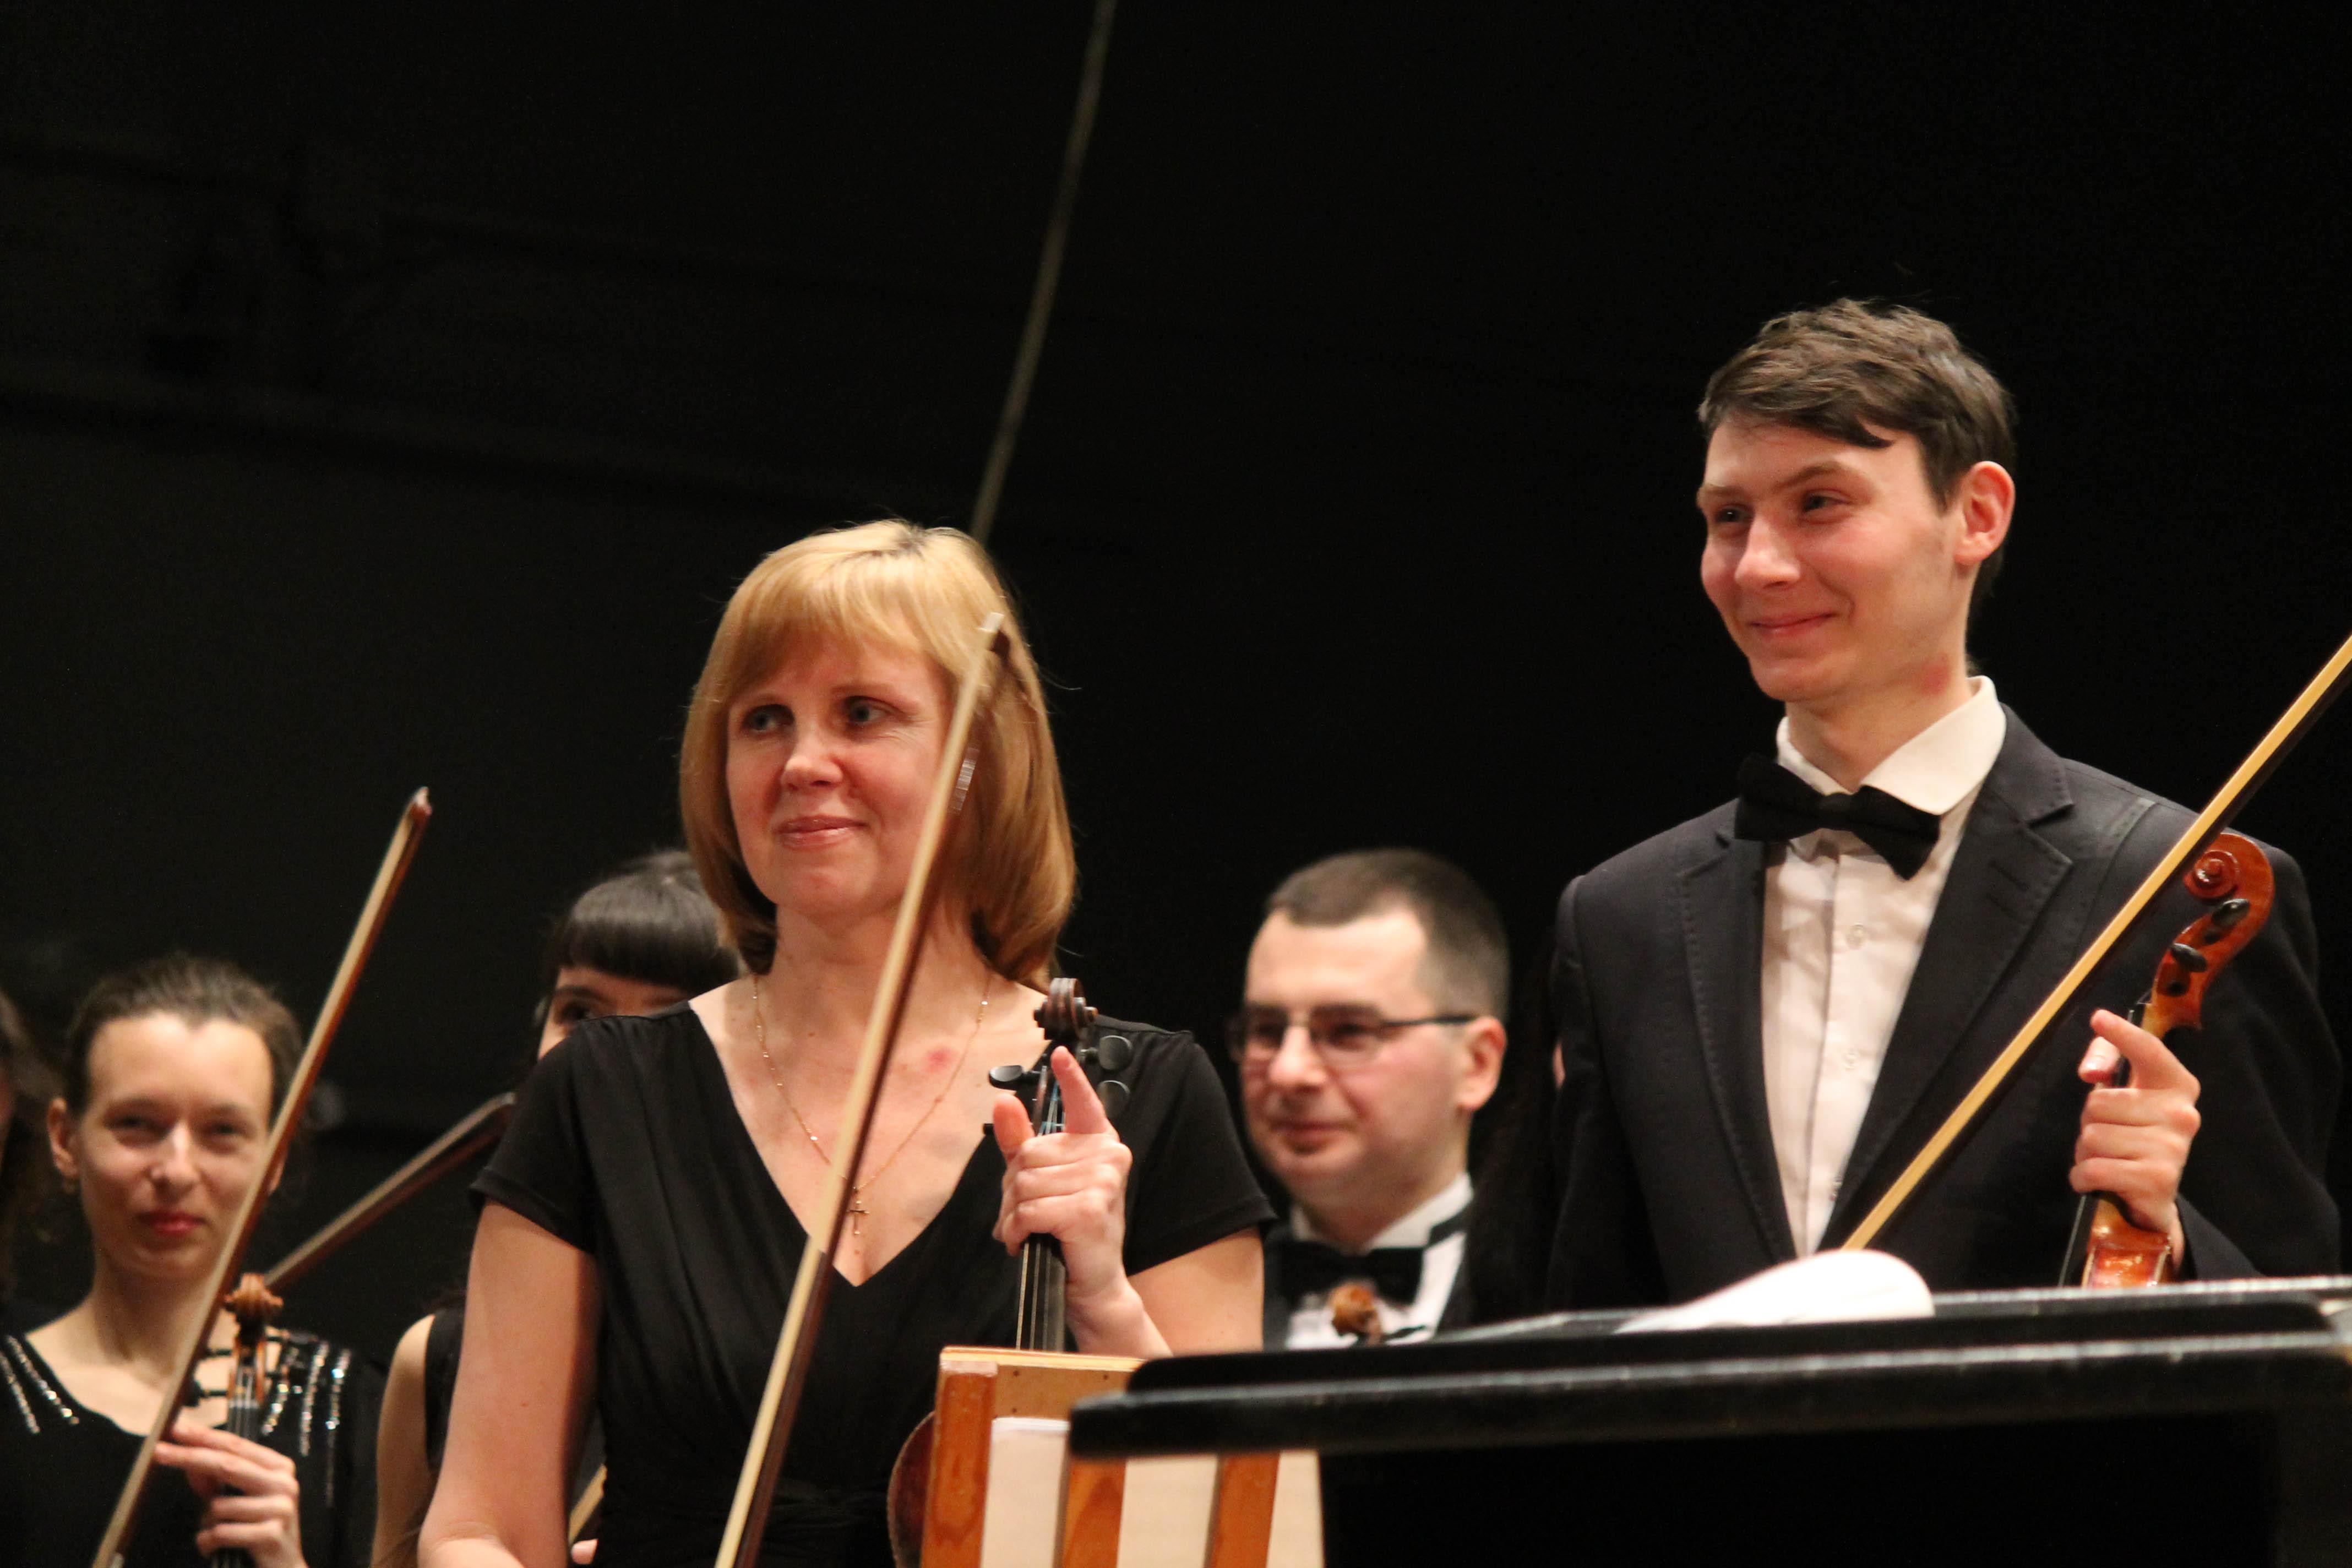 Відкрився ХХ фестиваль класичної музики «Сіверські музичні вечори» (Фото)